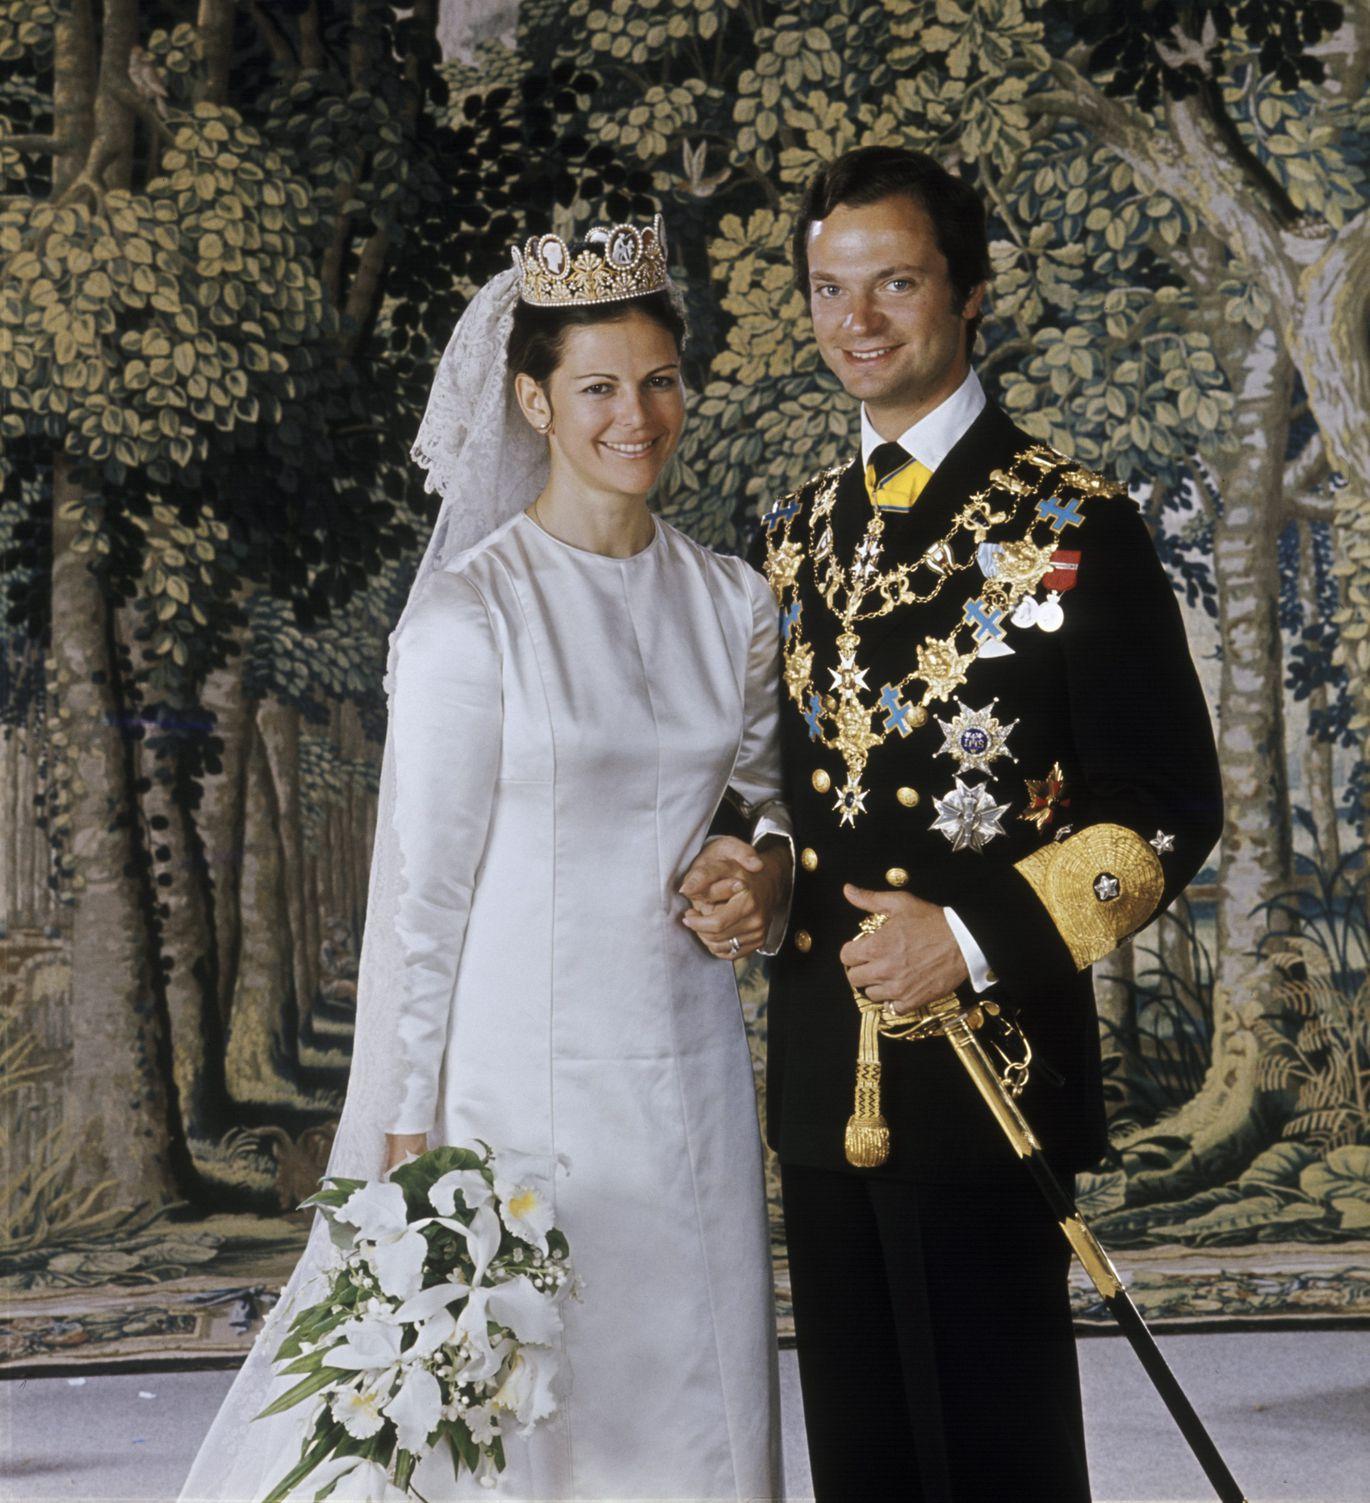 Официальные фото со свадьбы принцессы Мадлен и. - Сплетник 84